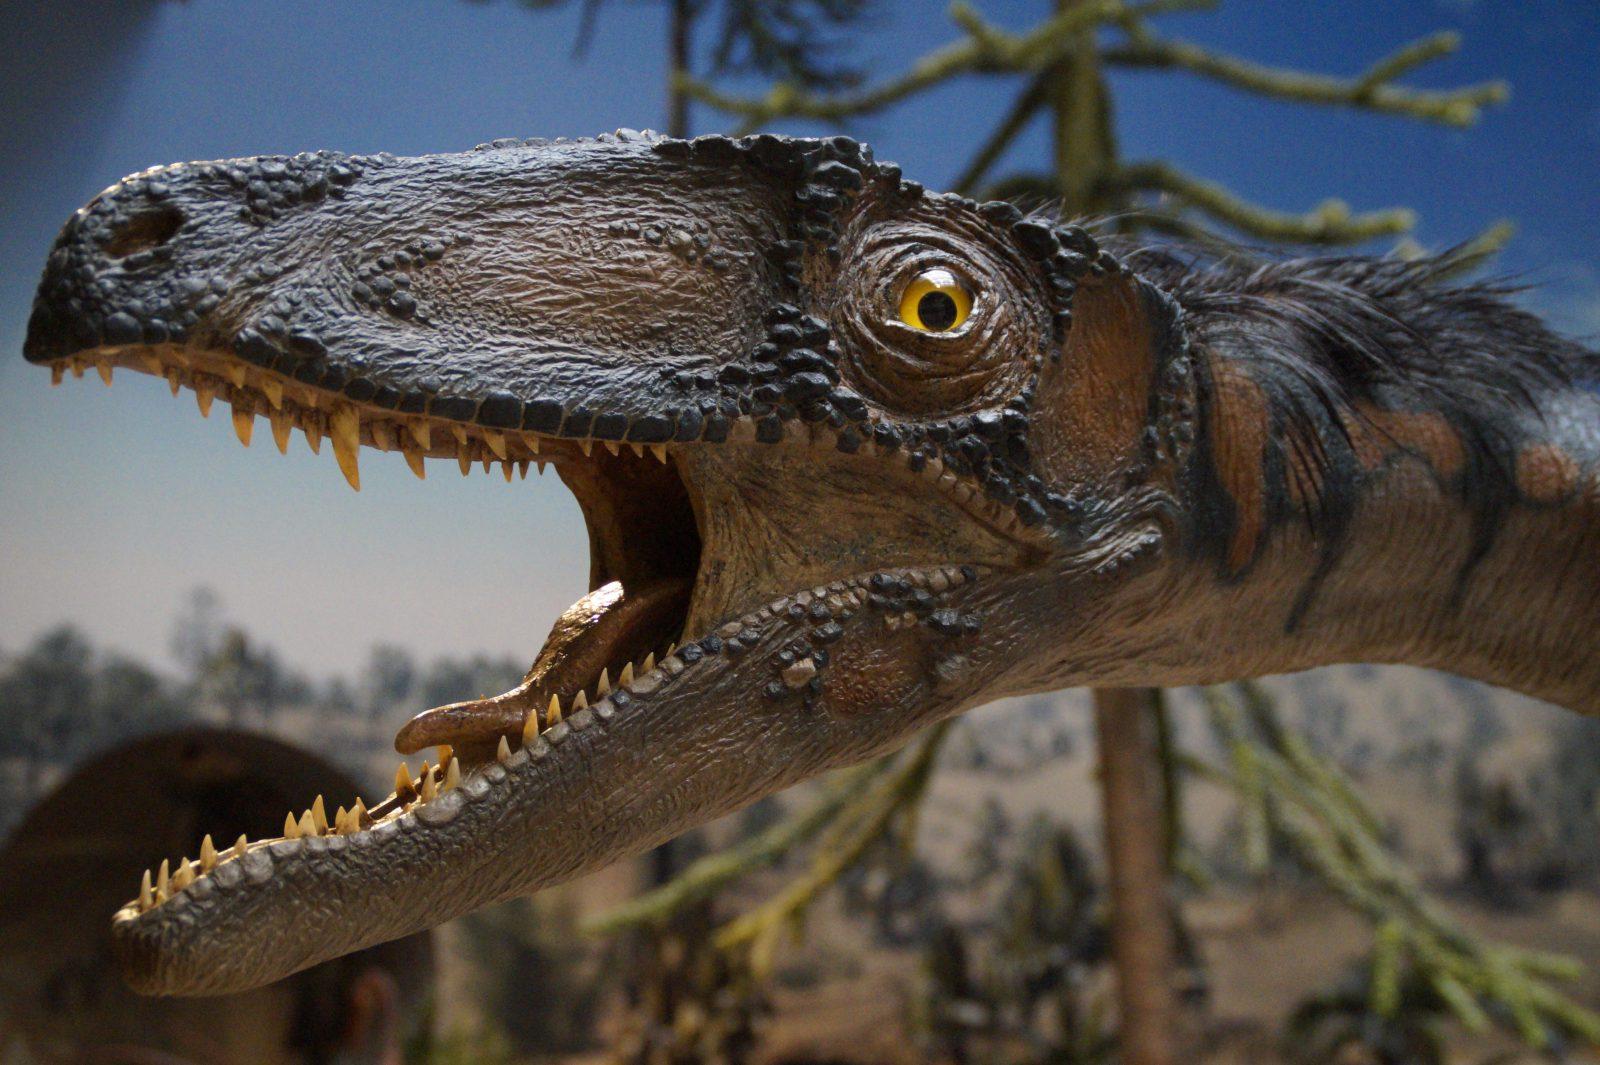 Os dinossauros possuem muitas curiosidades e despertam a curiosidade.